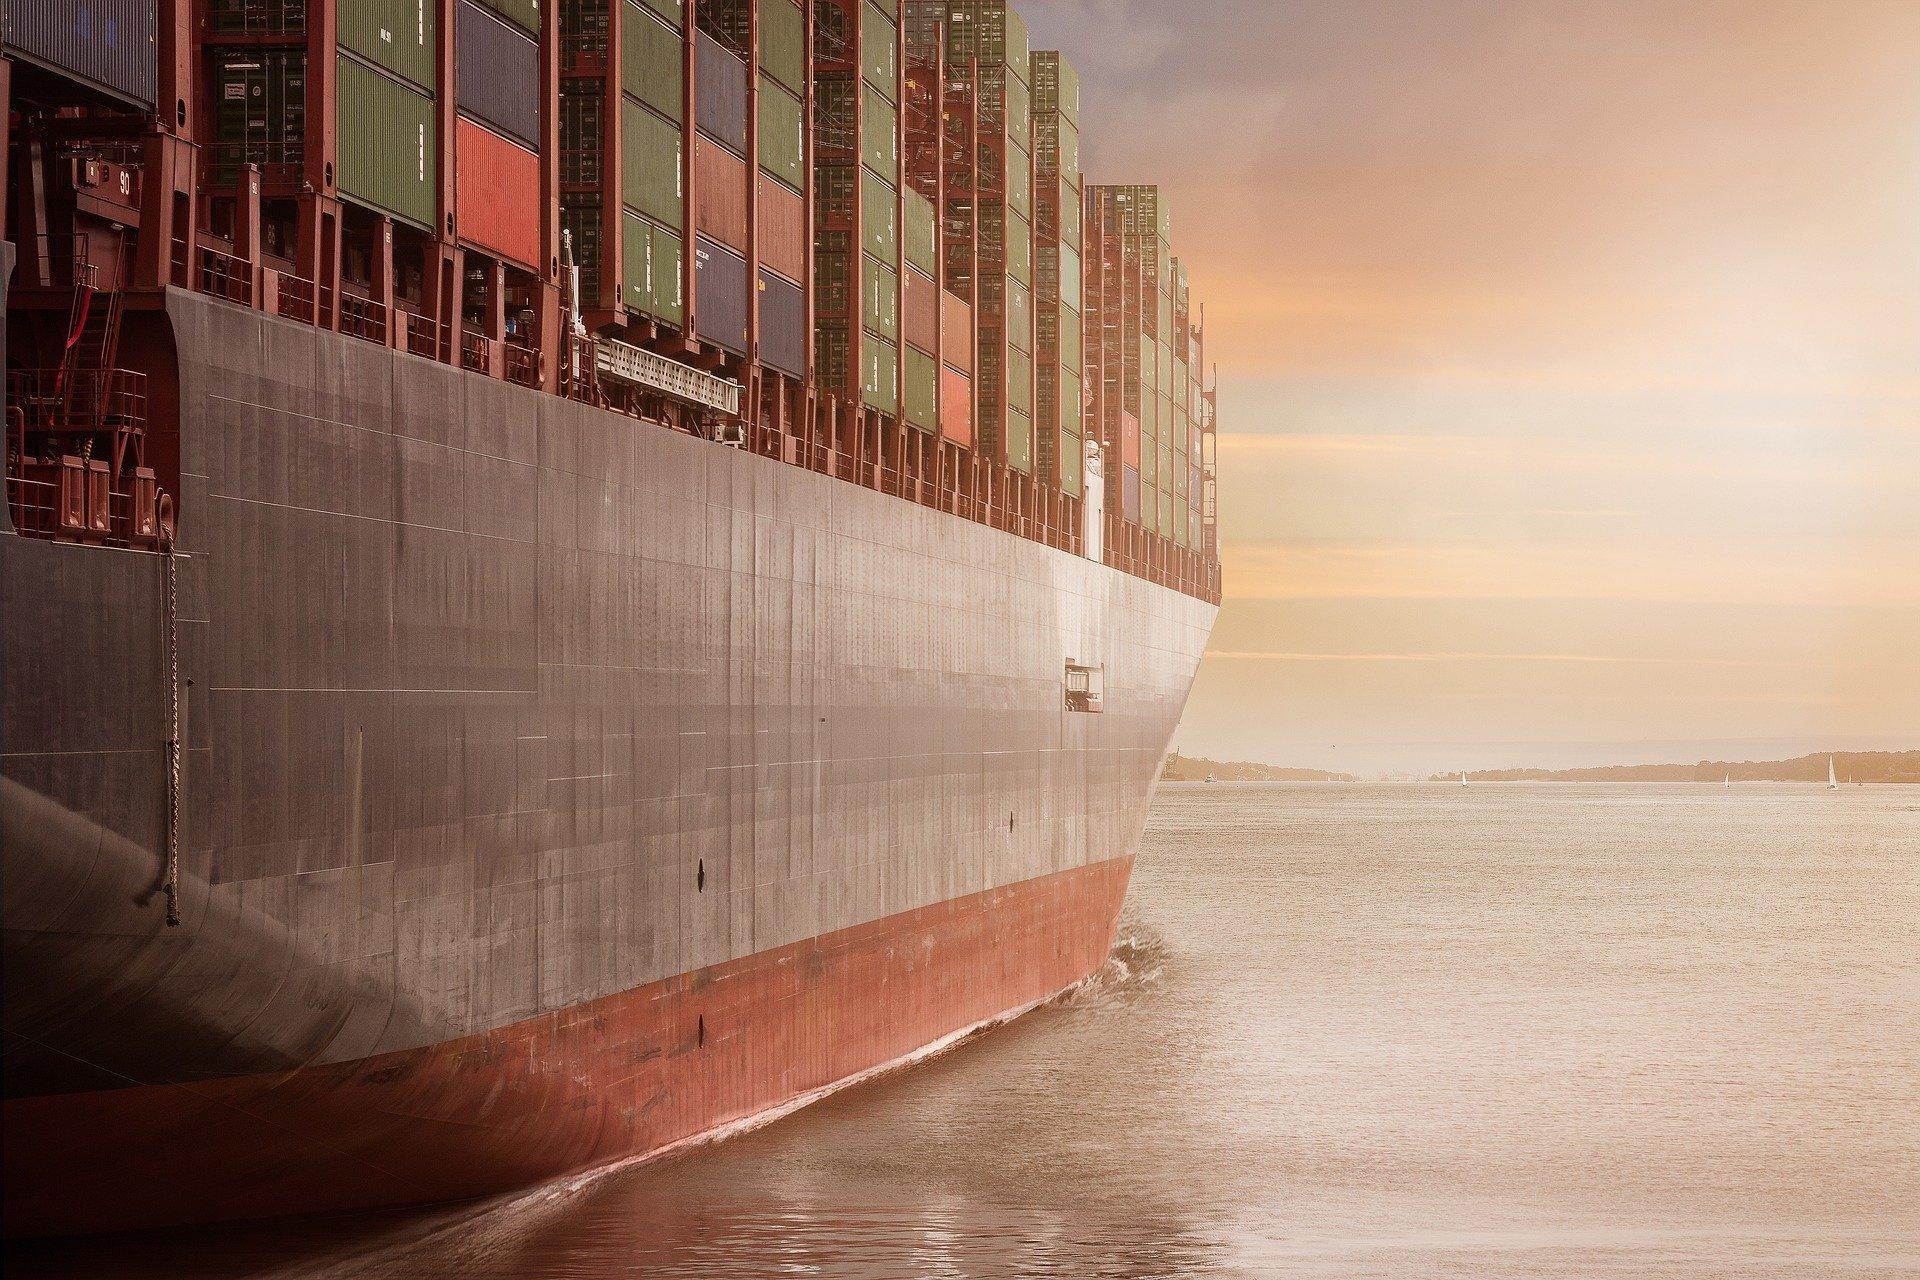 Viaggiare su navi cargo: pro e contro di un'esperienza di viaggio (e di vita) unica